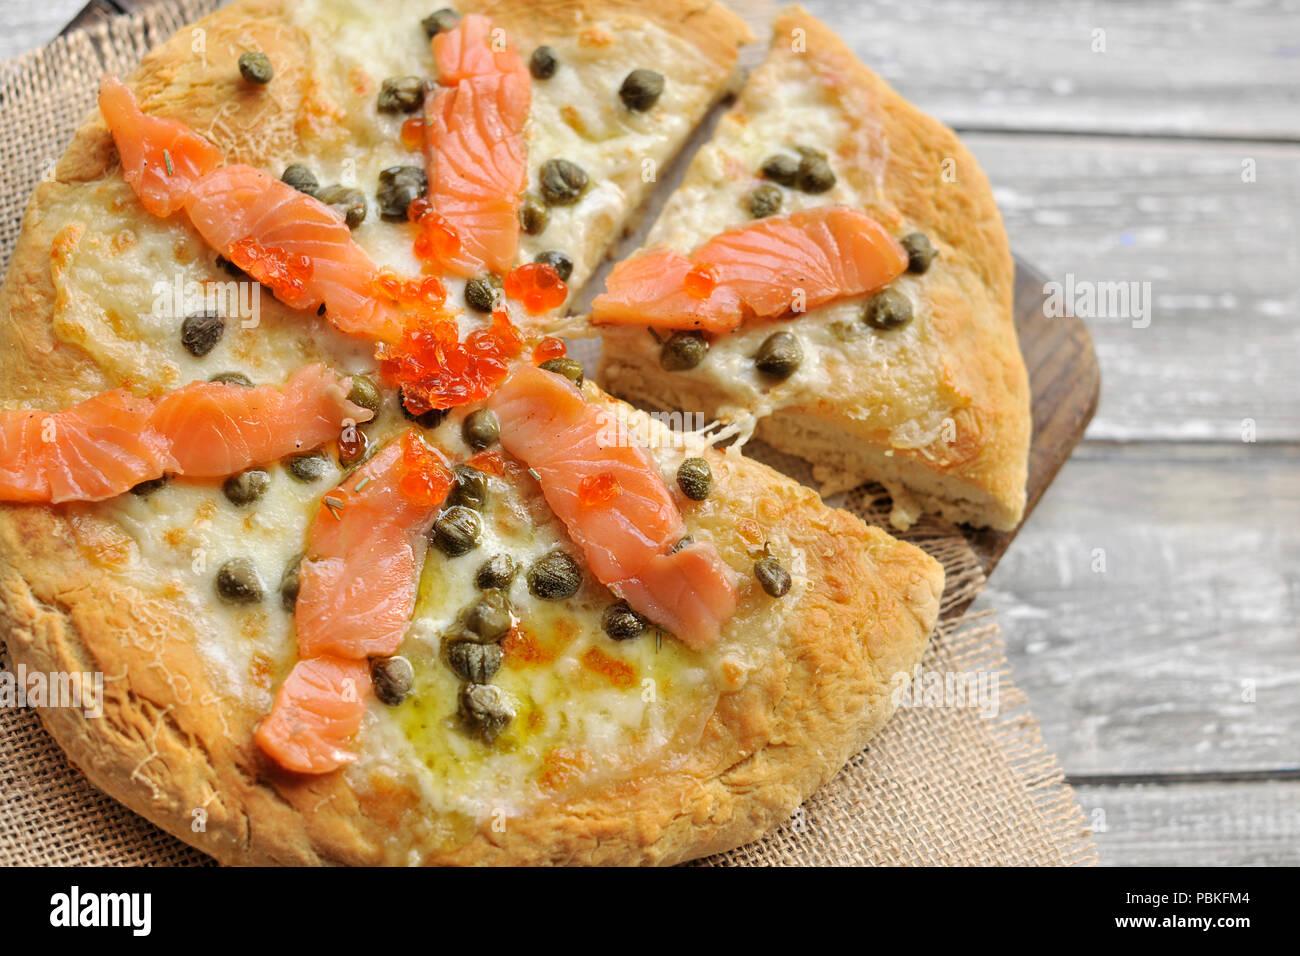 Pizza con salmone e basilico e capperi. Tradizionale pasticceria italiana. Spazio di copia Immagini Stock